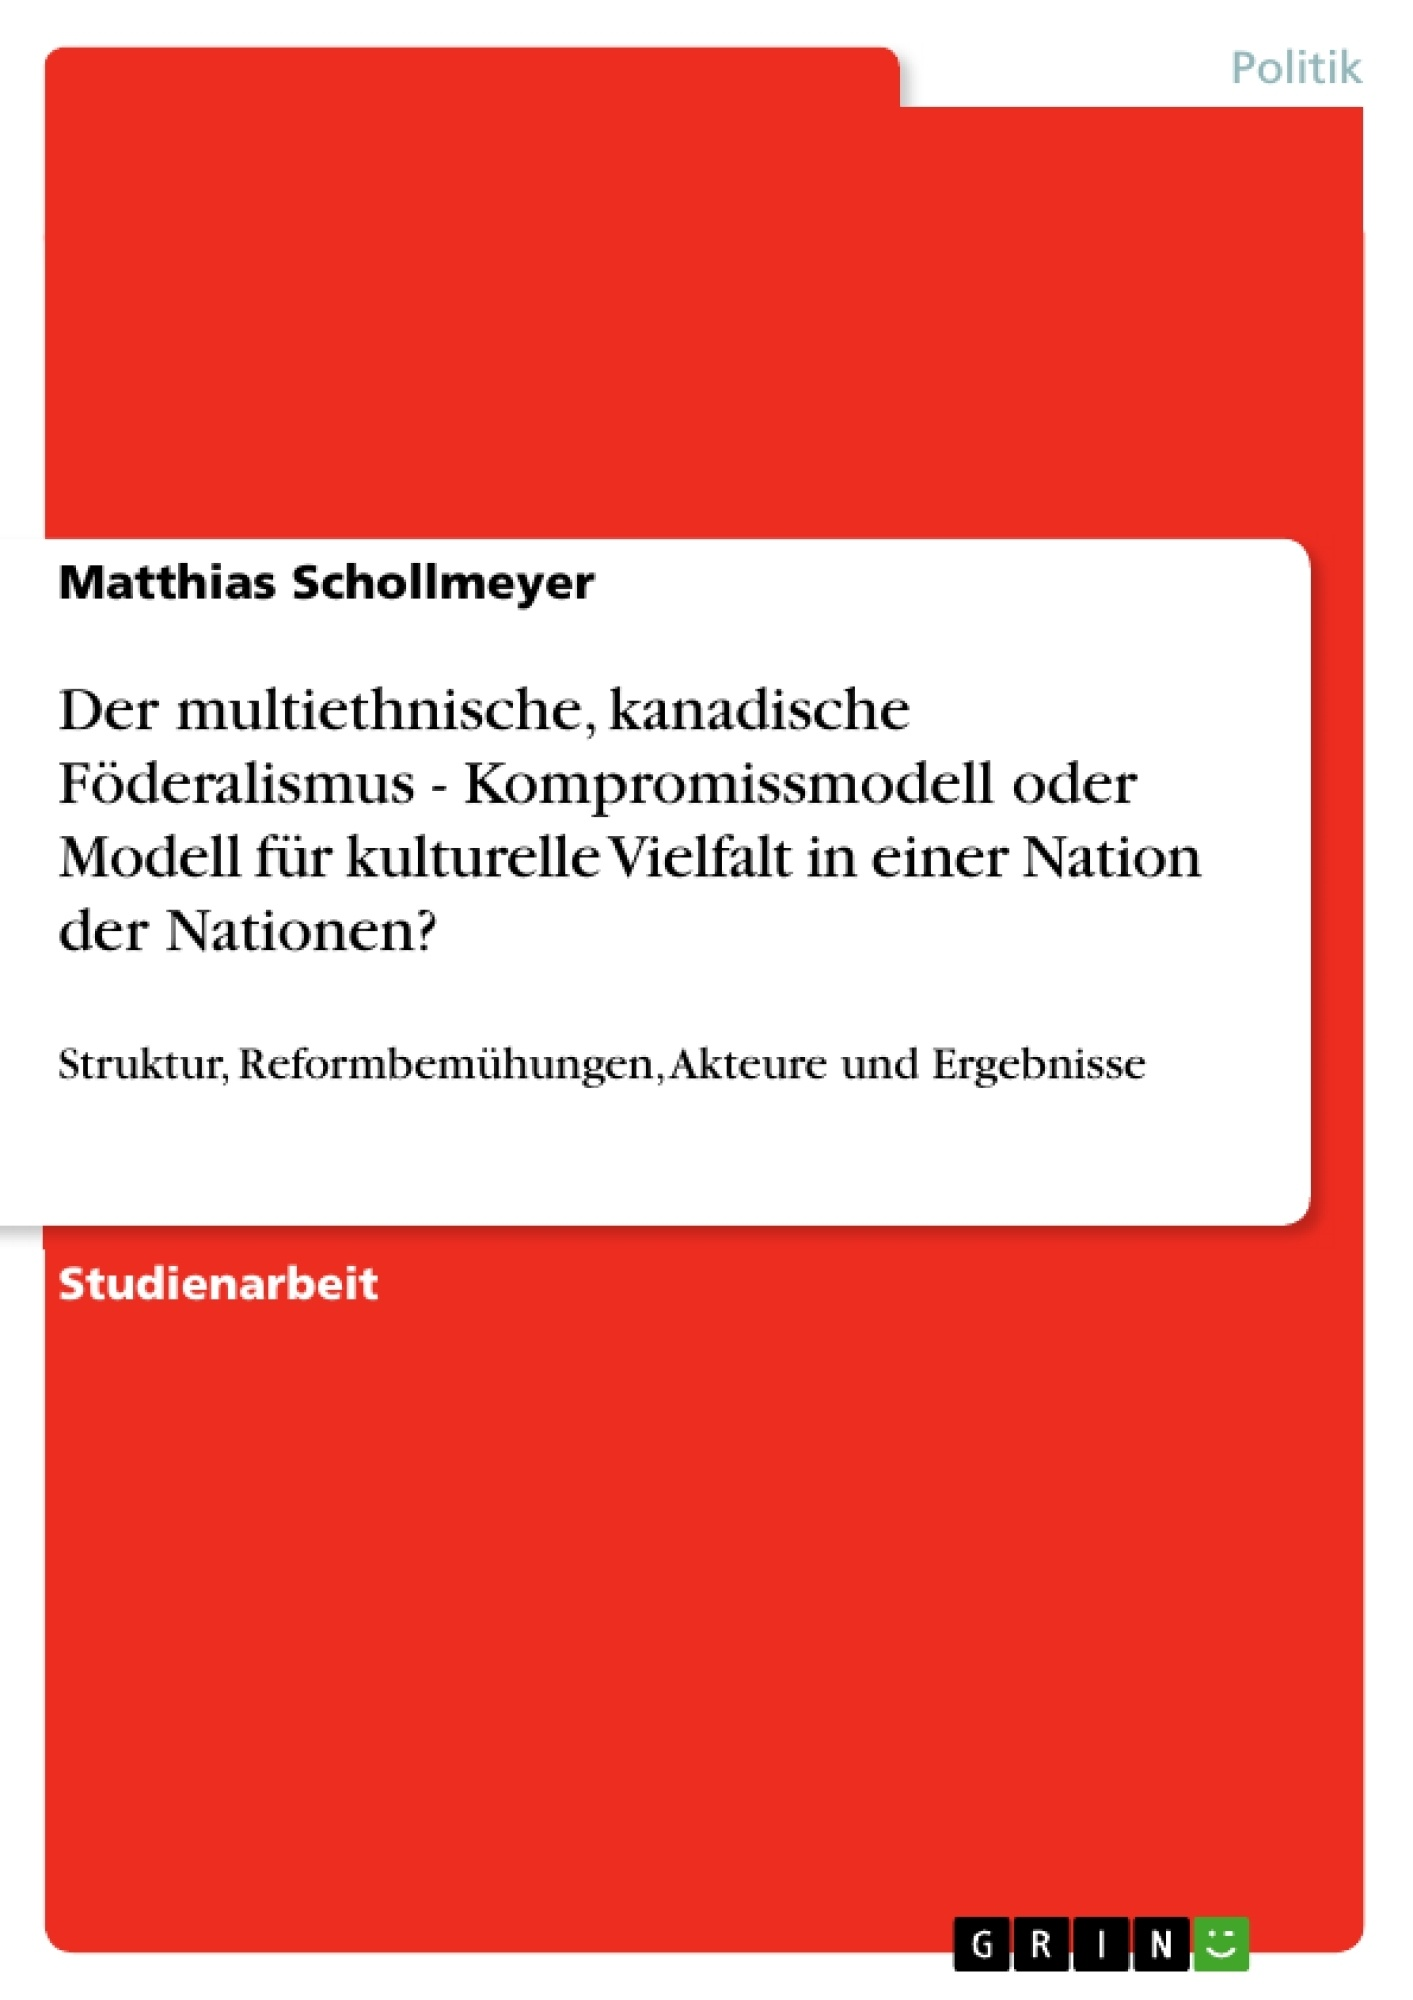 Titel: Der multiethnische, kanadische Föderalismus - Kompromissmodell oder Modell für kulturelle Vielfalt in einer Nation der Nationen?